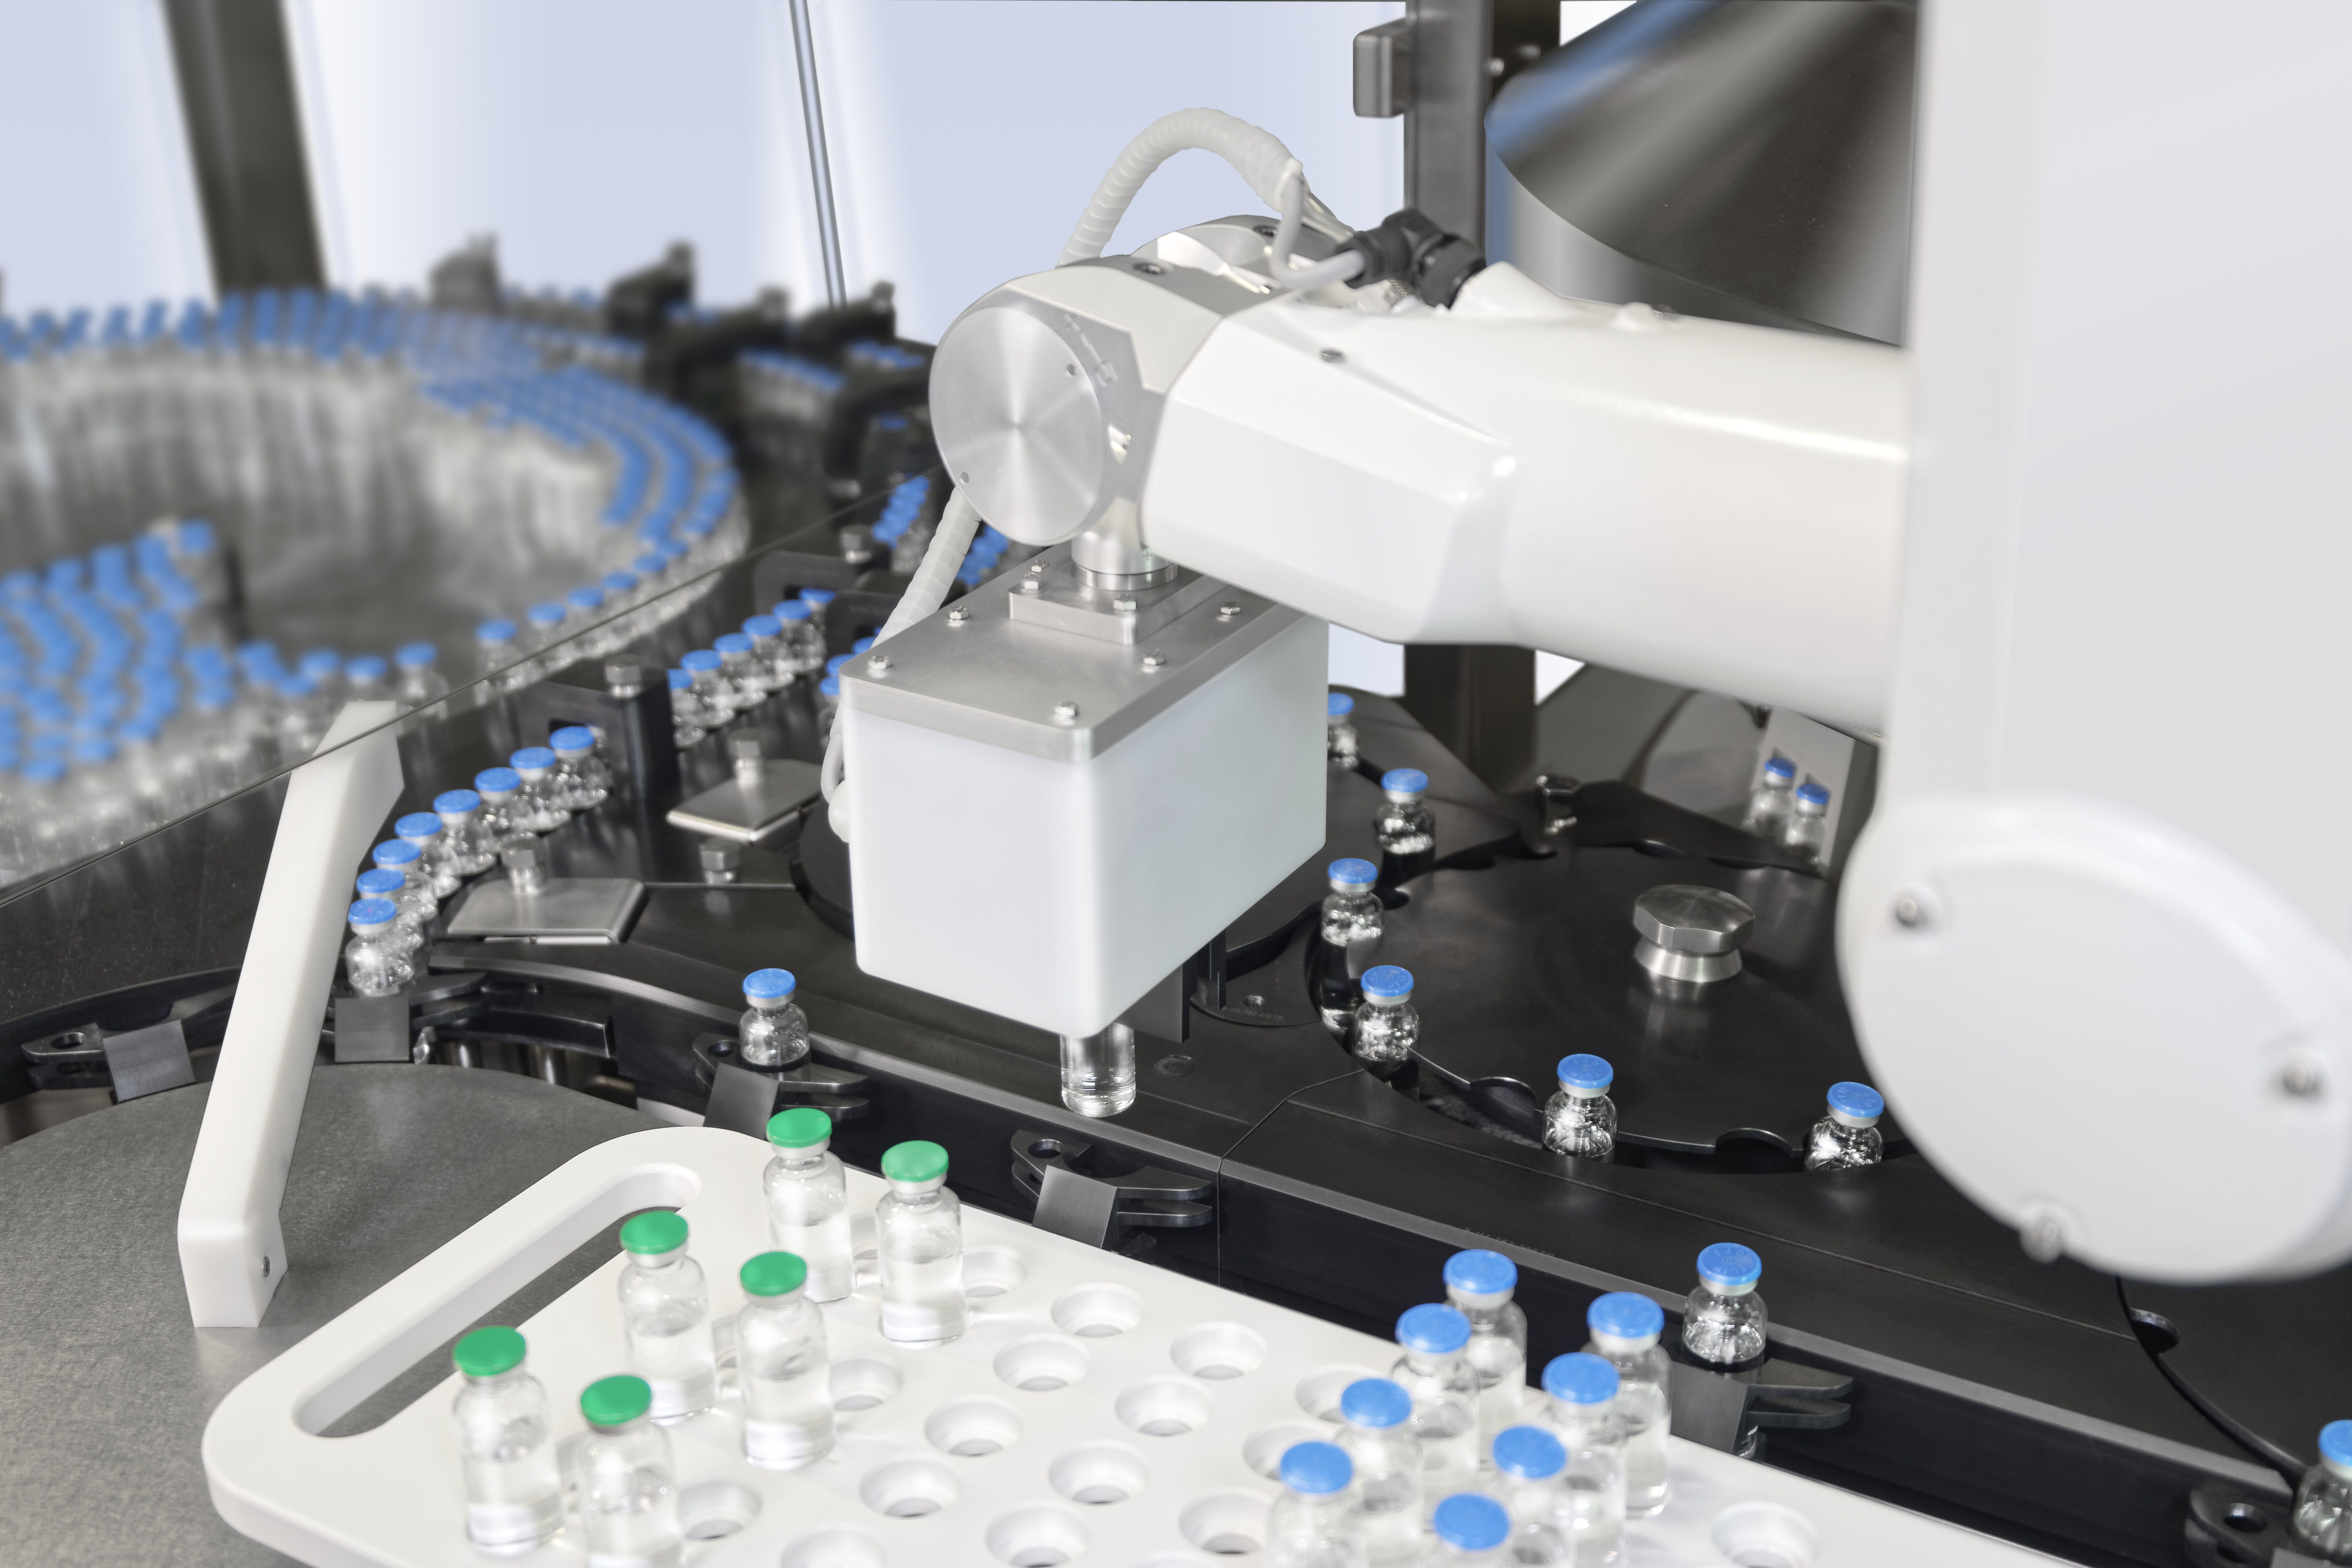 Inspektion von bis zu 600 Glasbehältnissen pro Minute basierend auf Gruppenprüfung